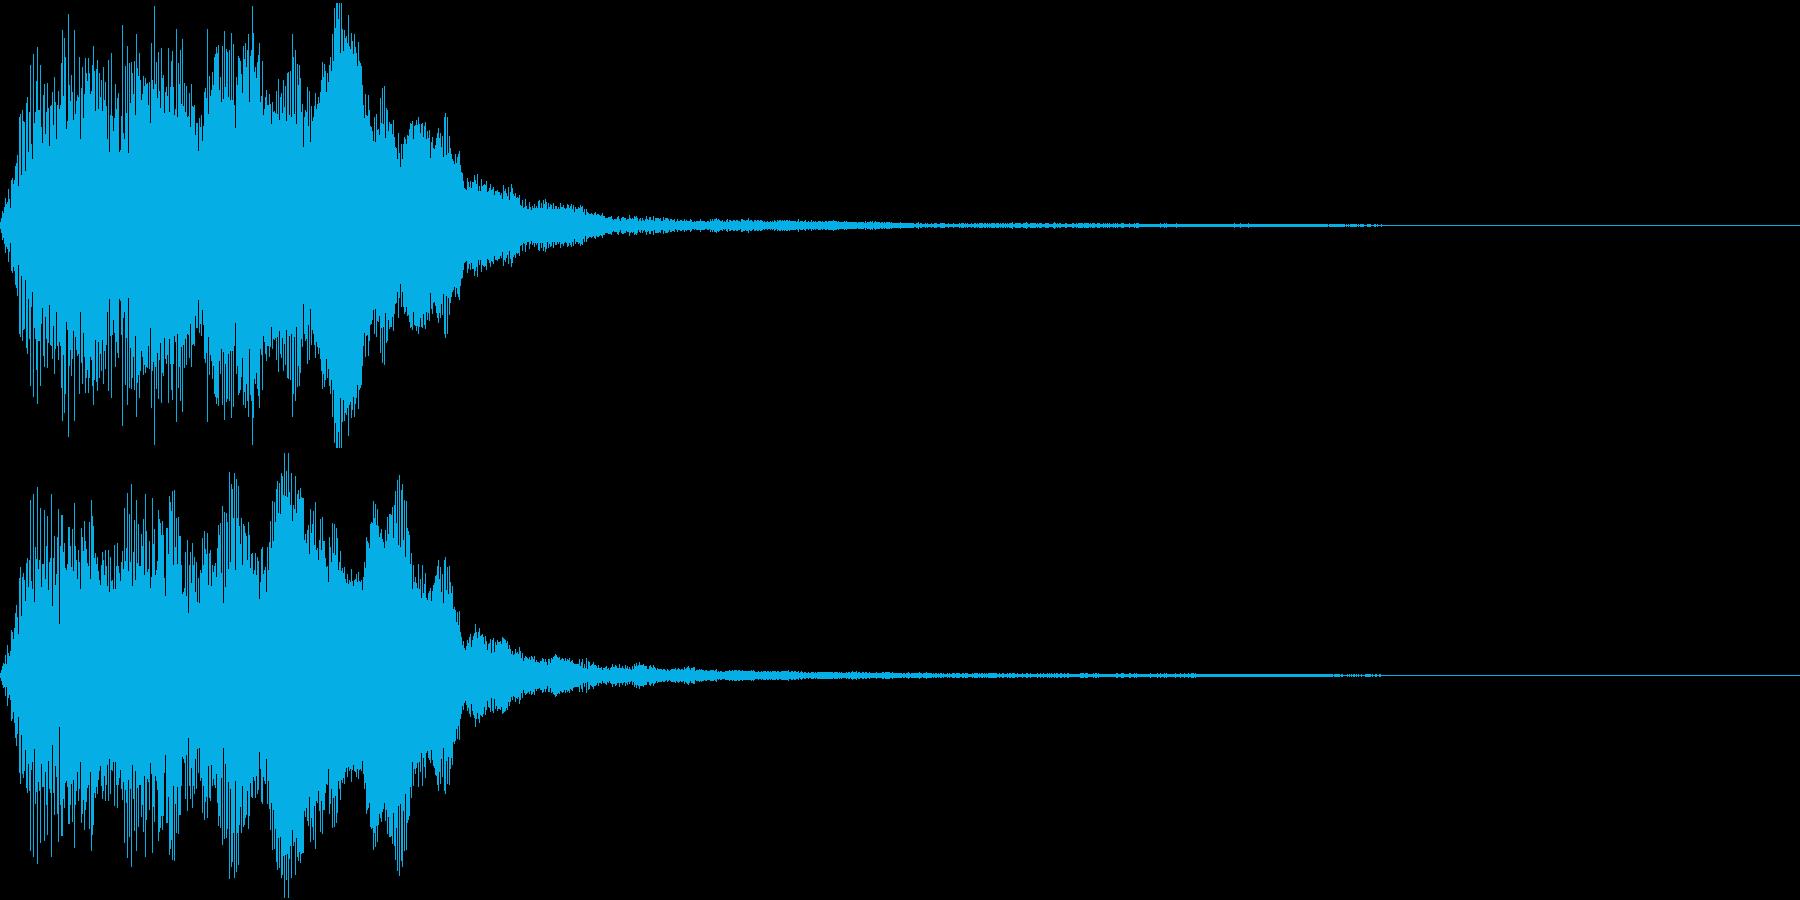 ラッパ ファンファーレ 定番 1 早いの再生済みの波形